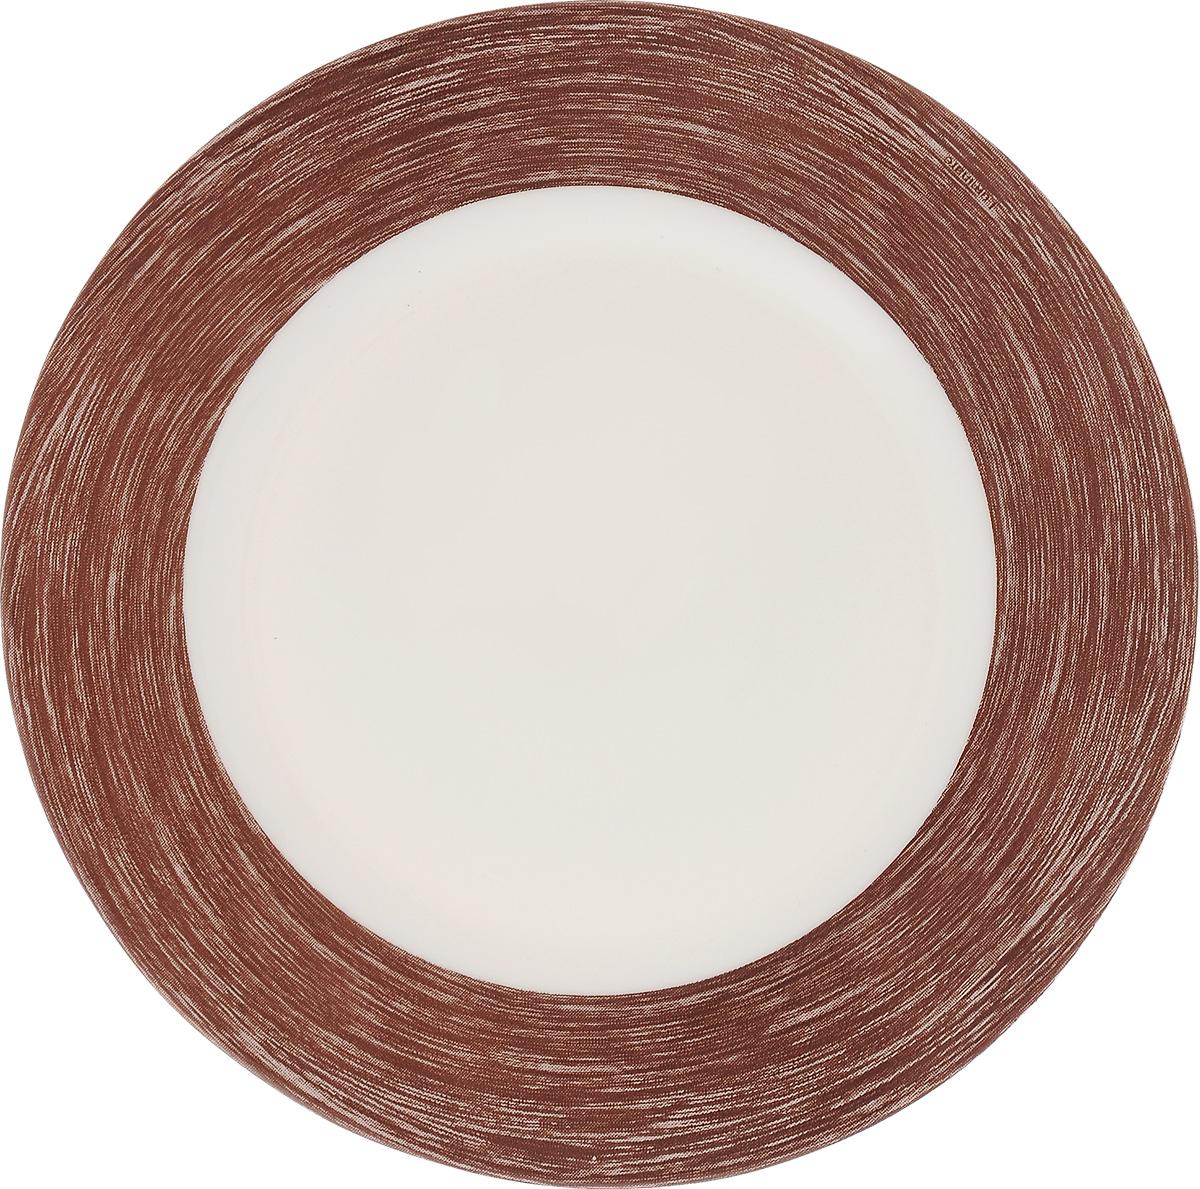 Тарелка десертная Luminarc Color Days Chocolate, 19 см54 009312Десертная тарелка Luminarc Color Days Chocolate, изготовленная из ударопрочного стекла, имеет изысканный внешний вид. Такая тарелка прекрасно подходит как для торжественных случаев, так и для повседневного использования. Идеальна для подачи десертов, пирожных, тортов и многого другого. Она прекрасно оформит стол и станет отличным дополнением к вашей коллекции кухонной посуды. Диаметр тарелки (по верхнему краю): 19 см.